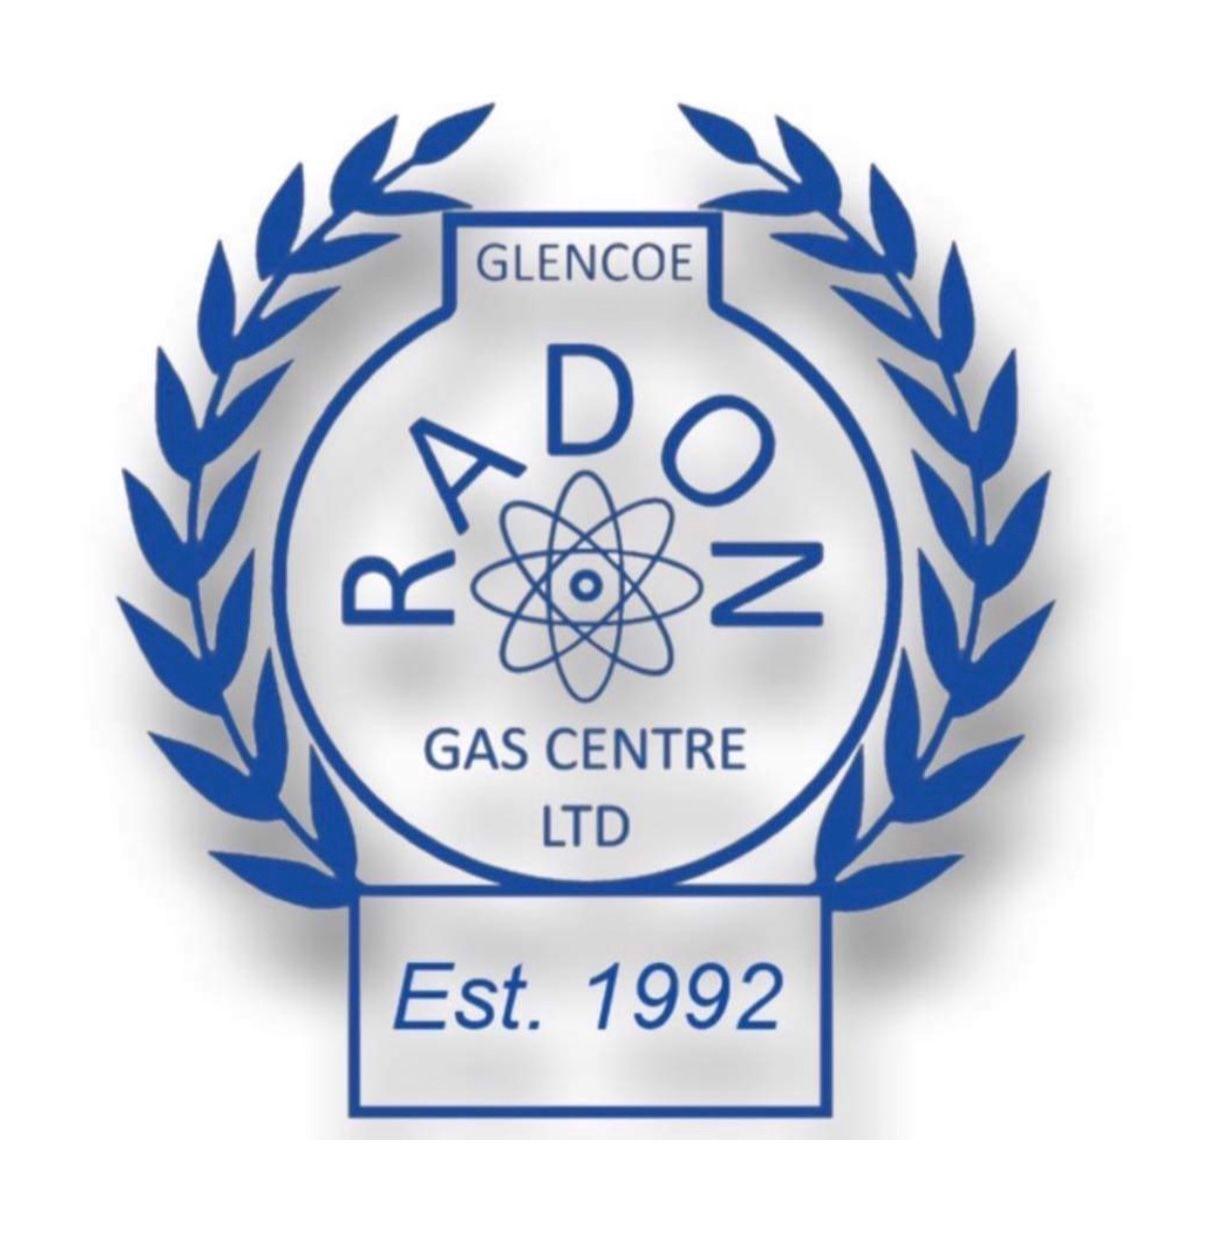 Glencoe Radon Gas Centre Ltd